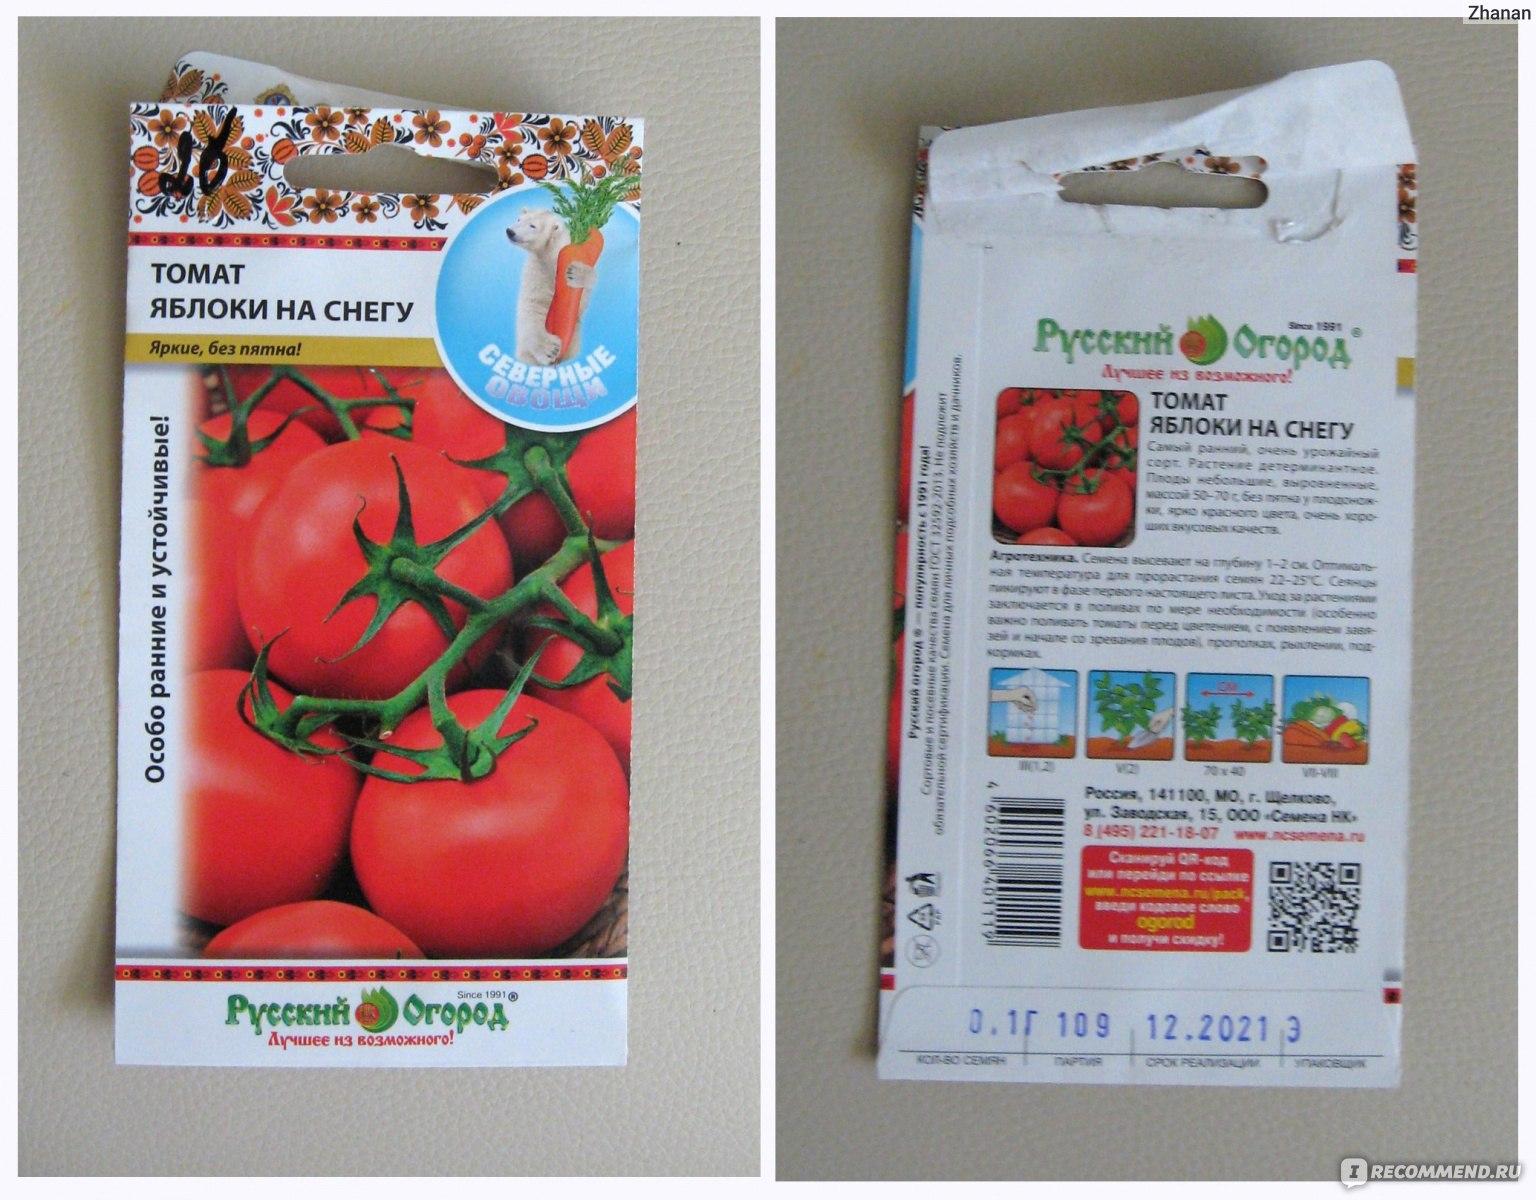 Томаты сорта яблочные названия описание - агро журнал dachnye-fei.ru